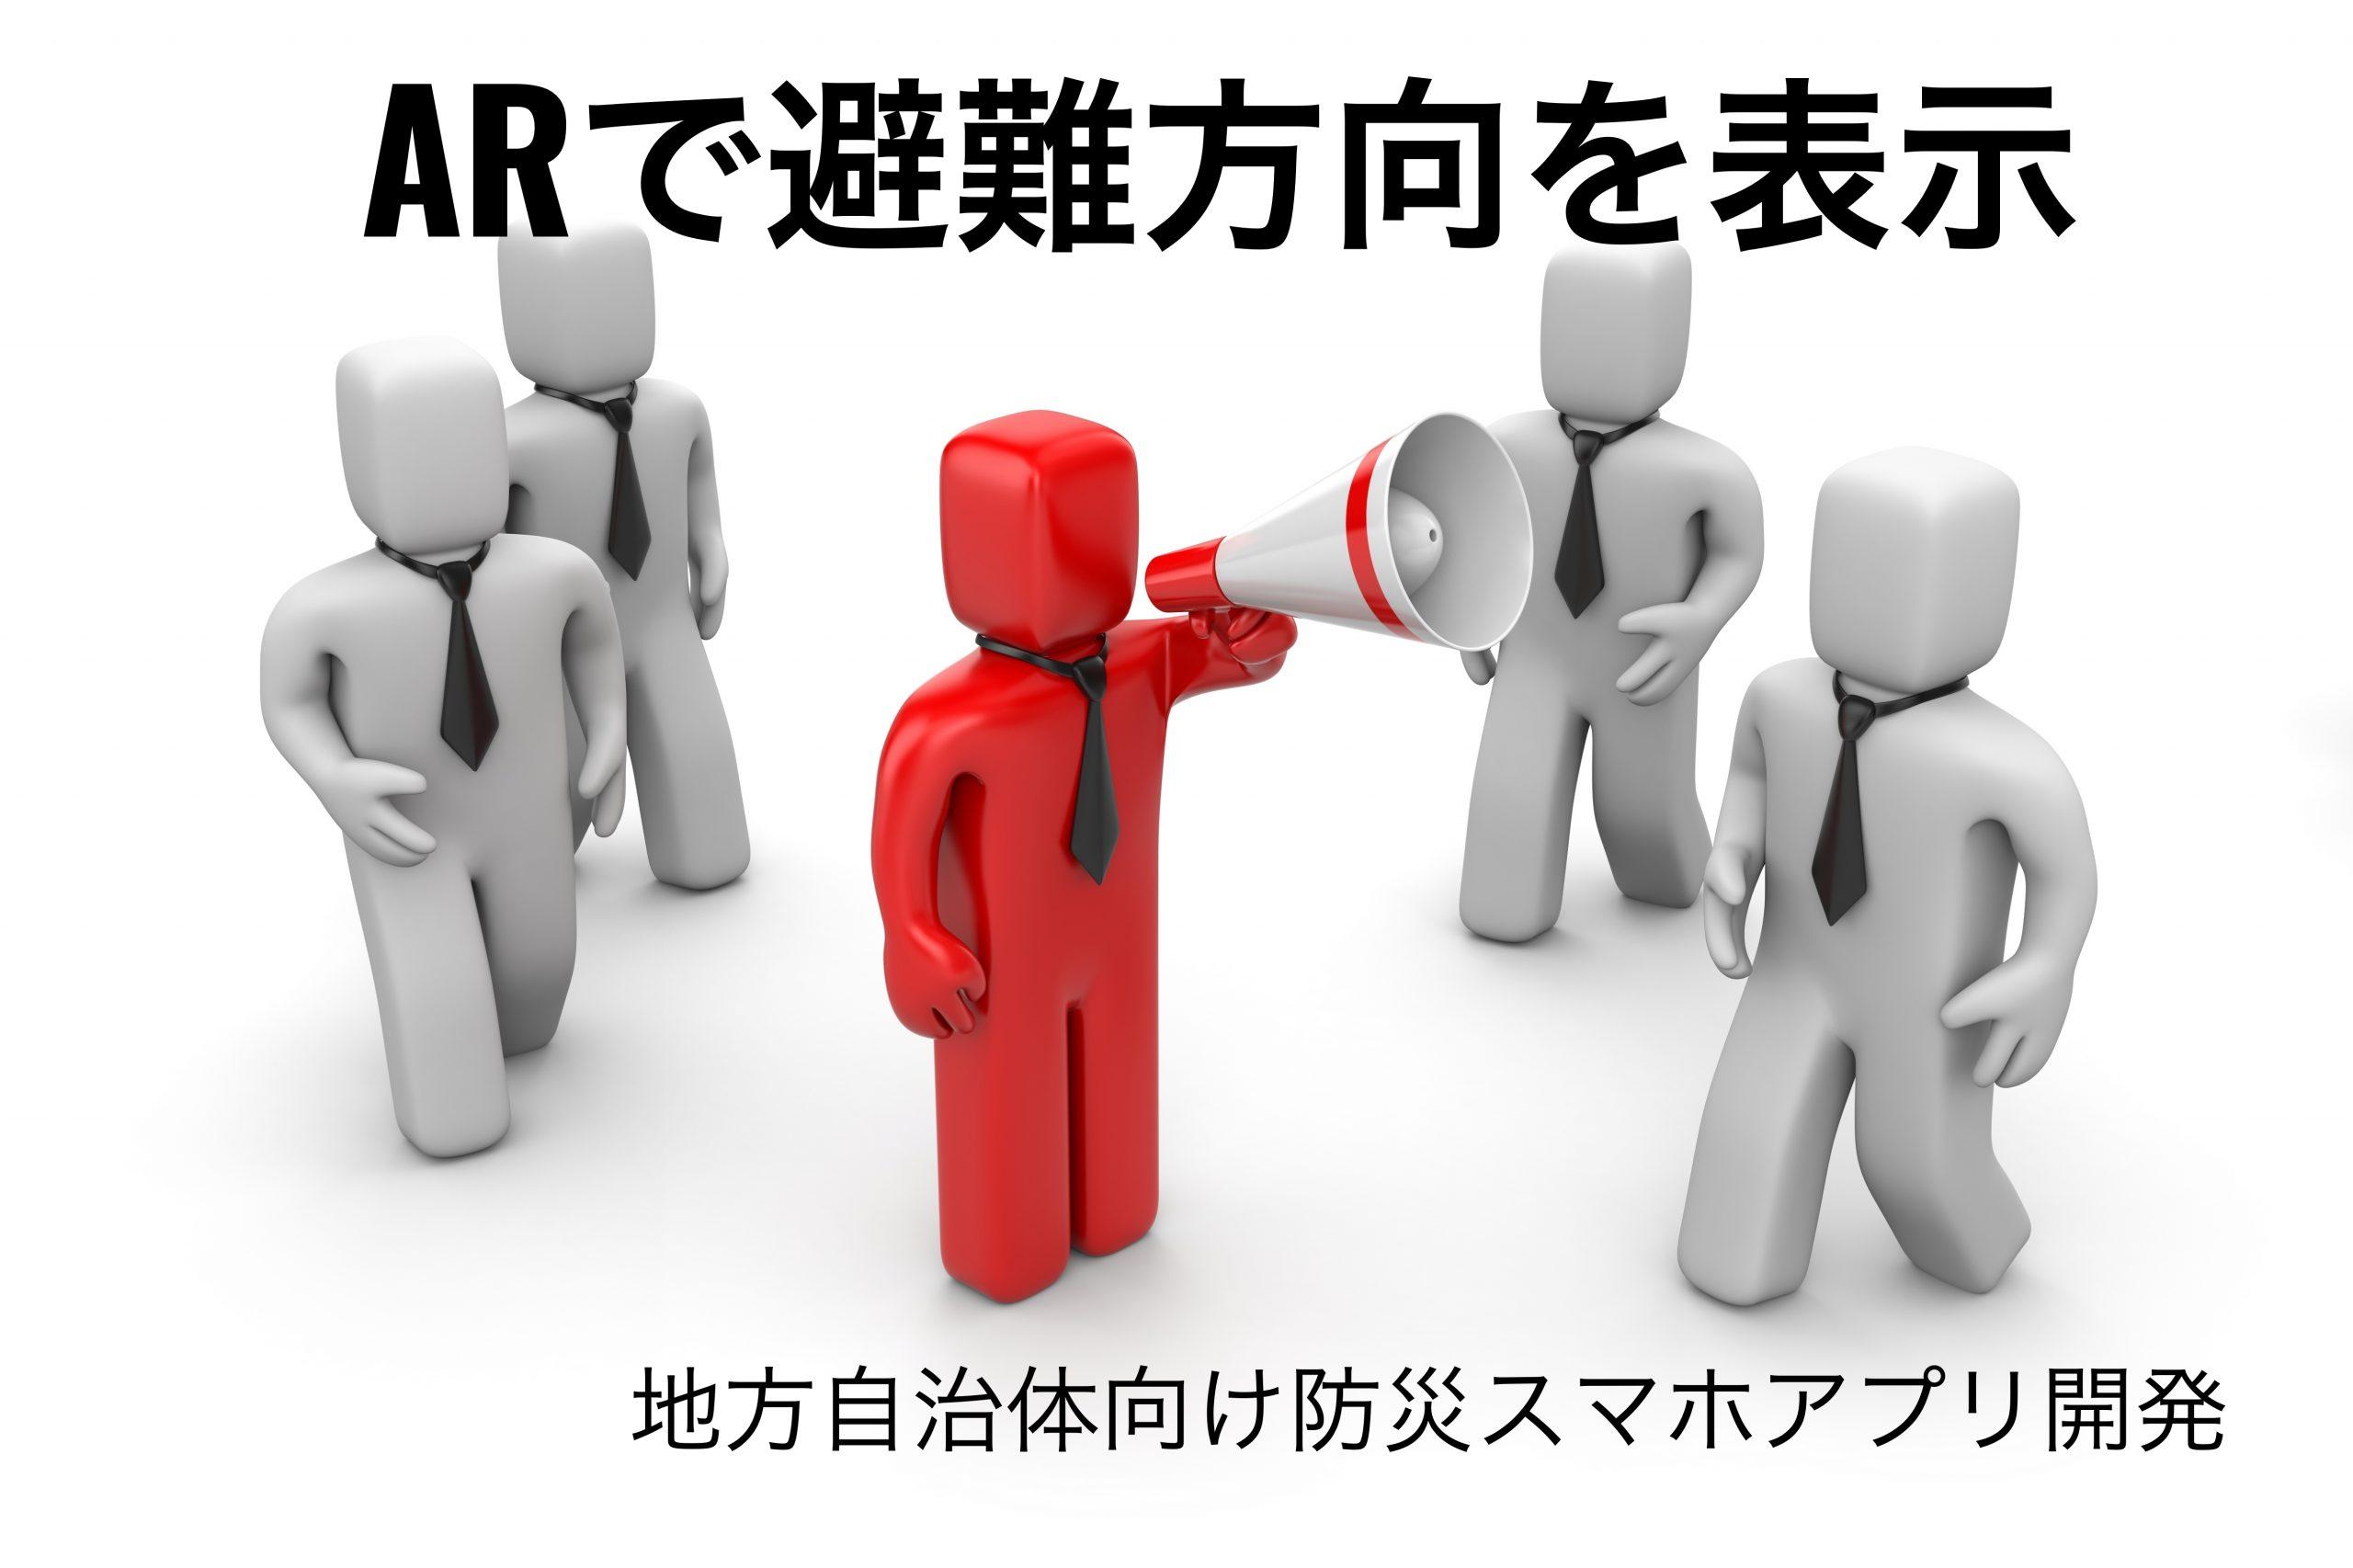 最寄りの避難場所への方向をAR(拡張現実)で表示、地方自治体の公式防災スマホアプリ制作